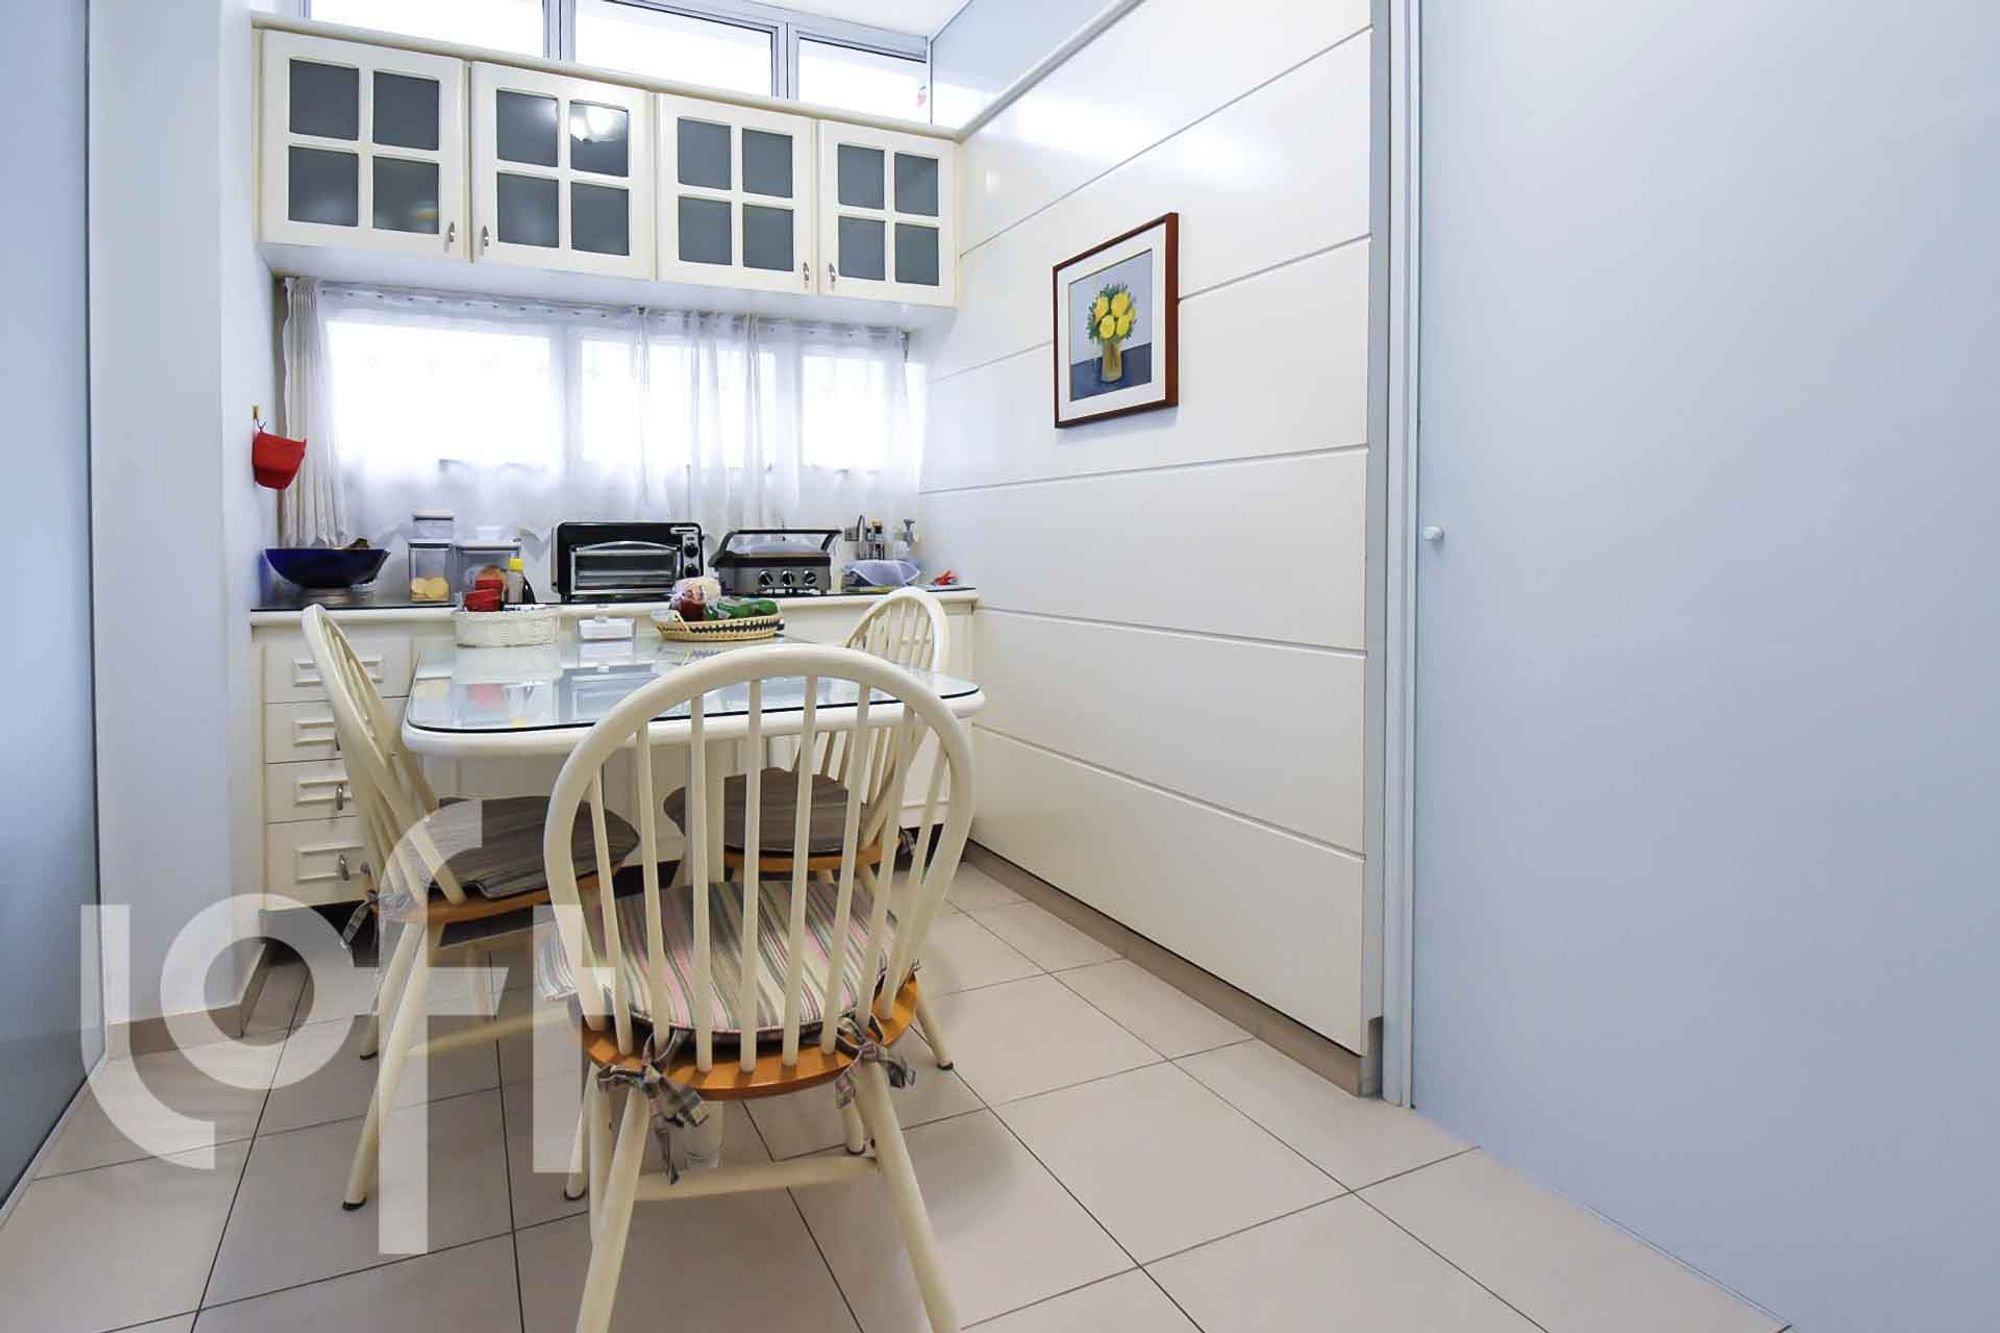 Foto de Cozinha com tigela, cadeira, garrafa